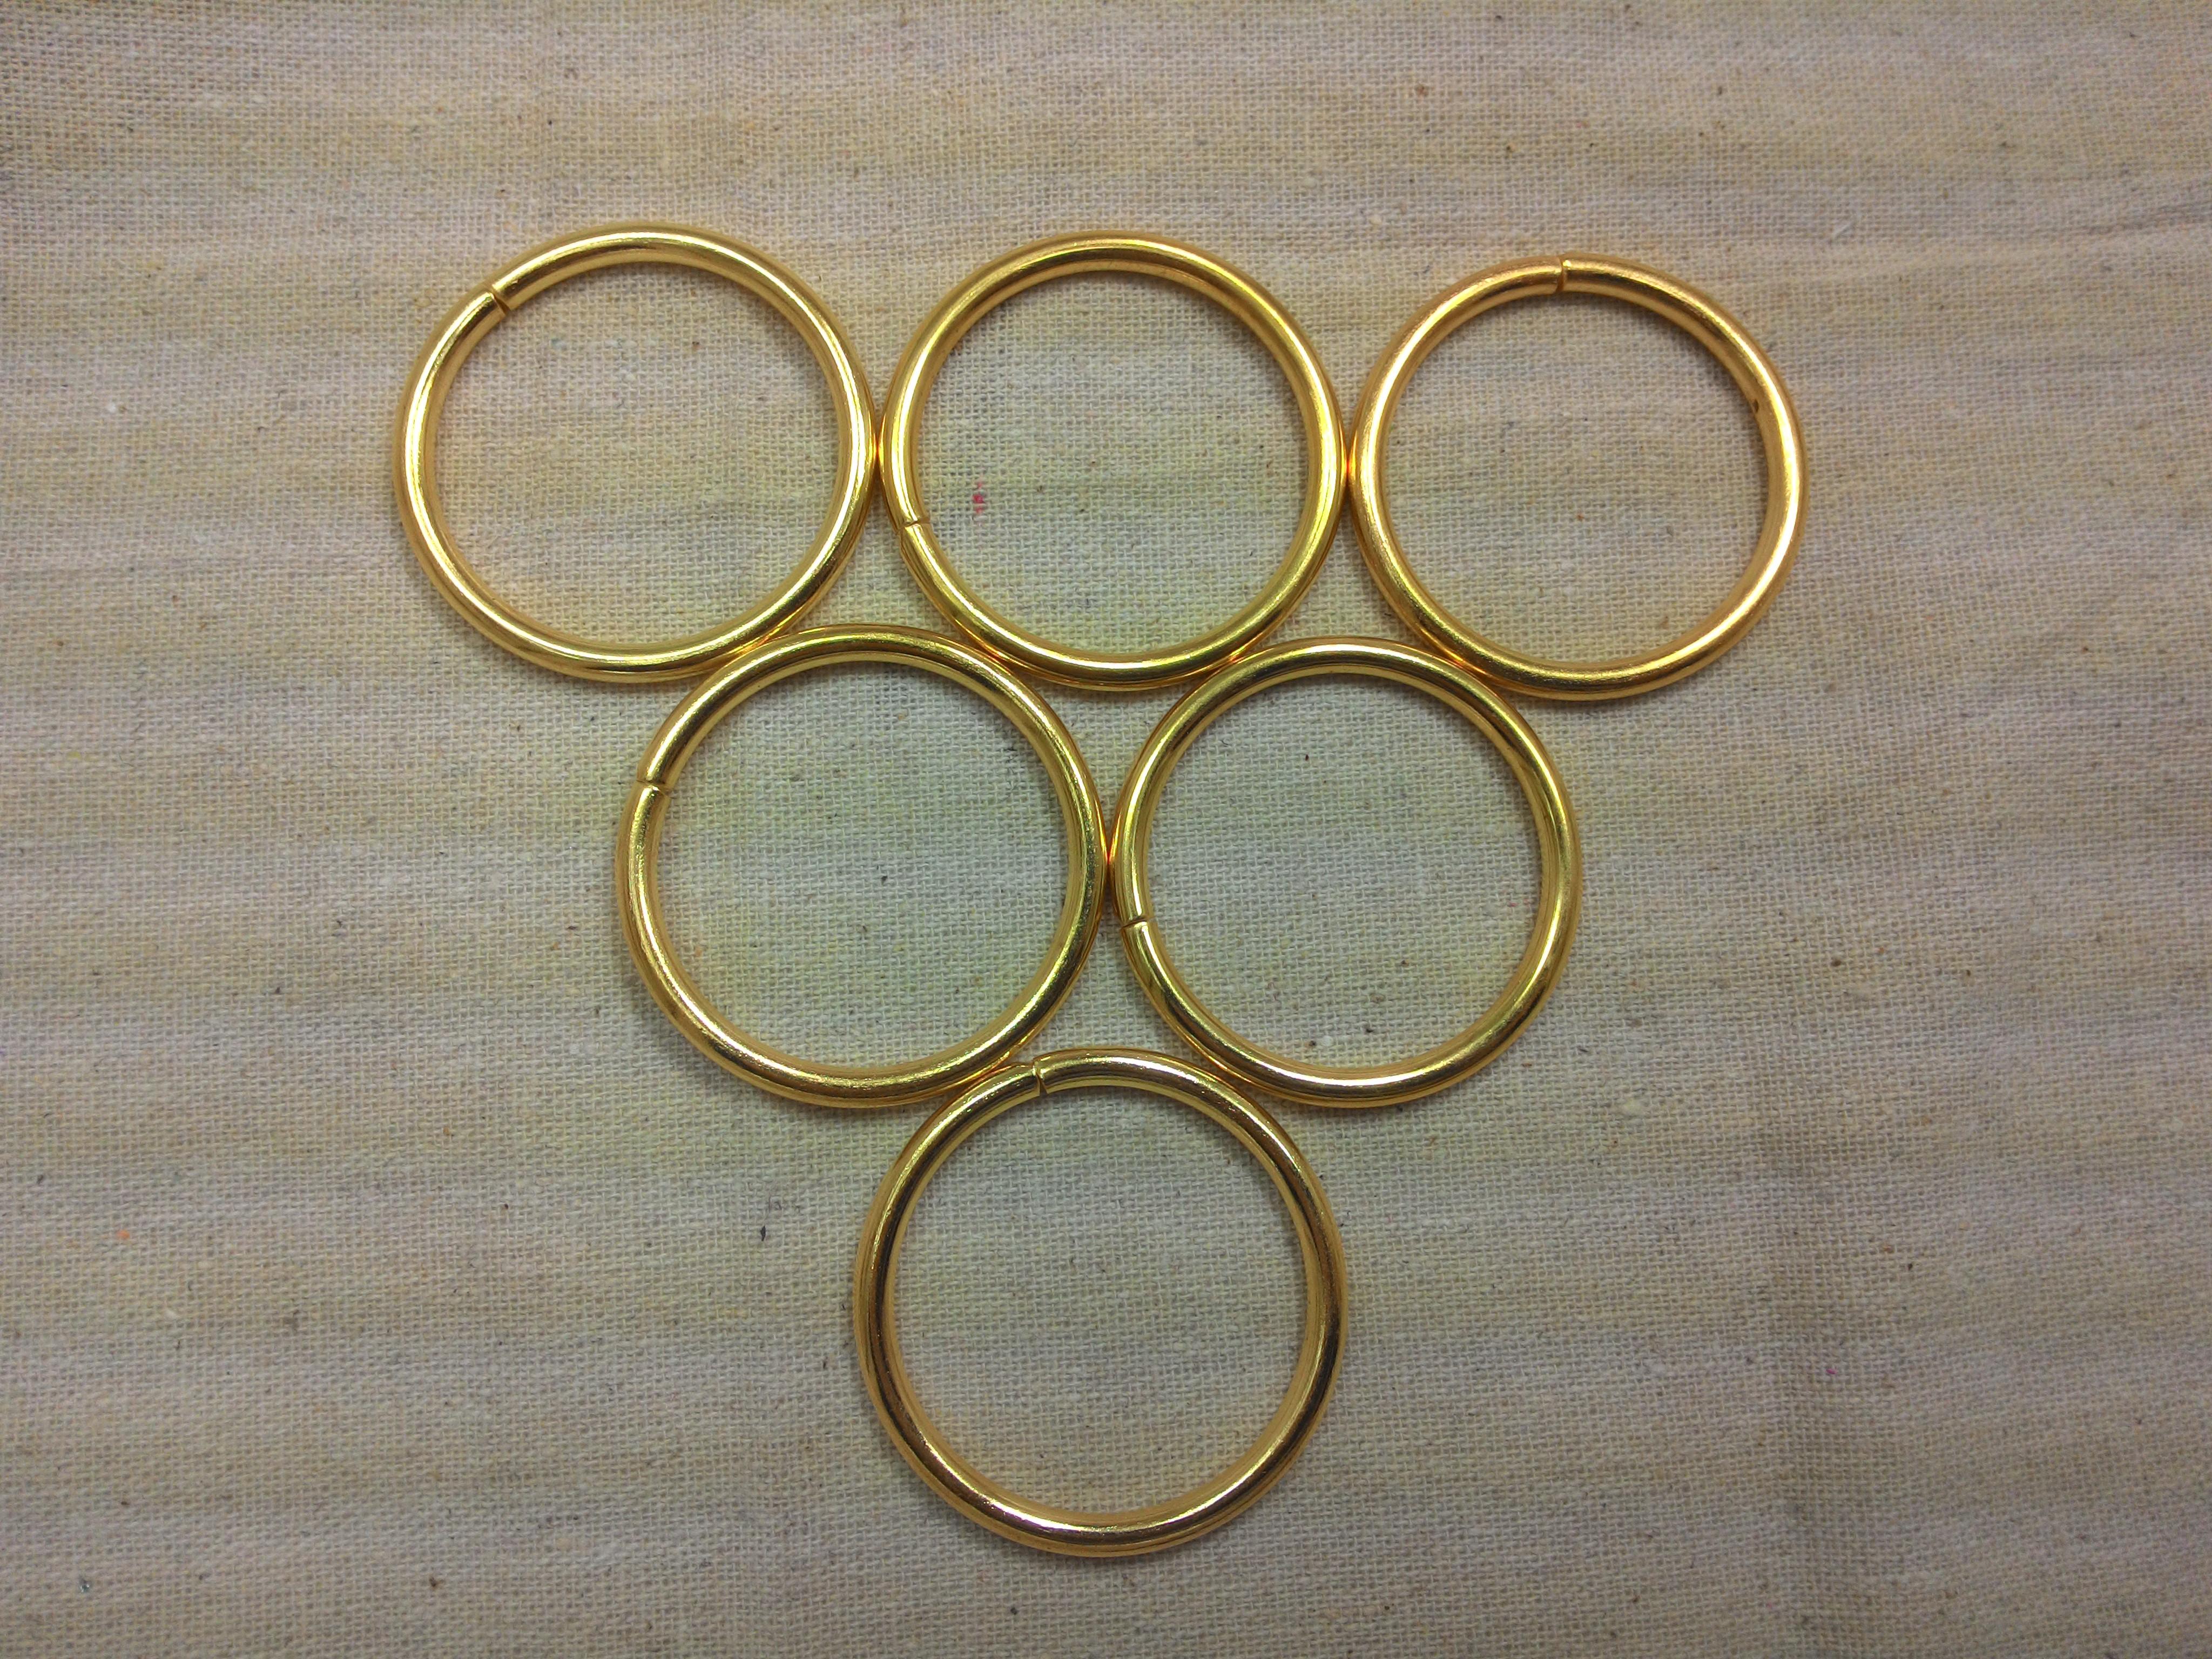 ห่วงกลม1.5นิ้ว ทองแพค4ตัว